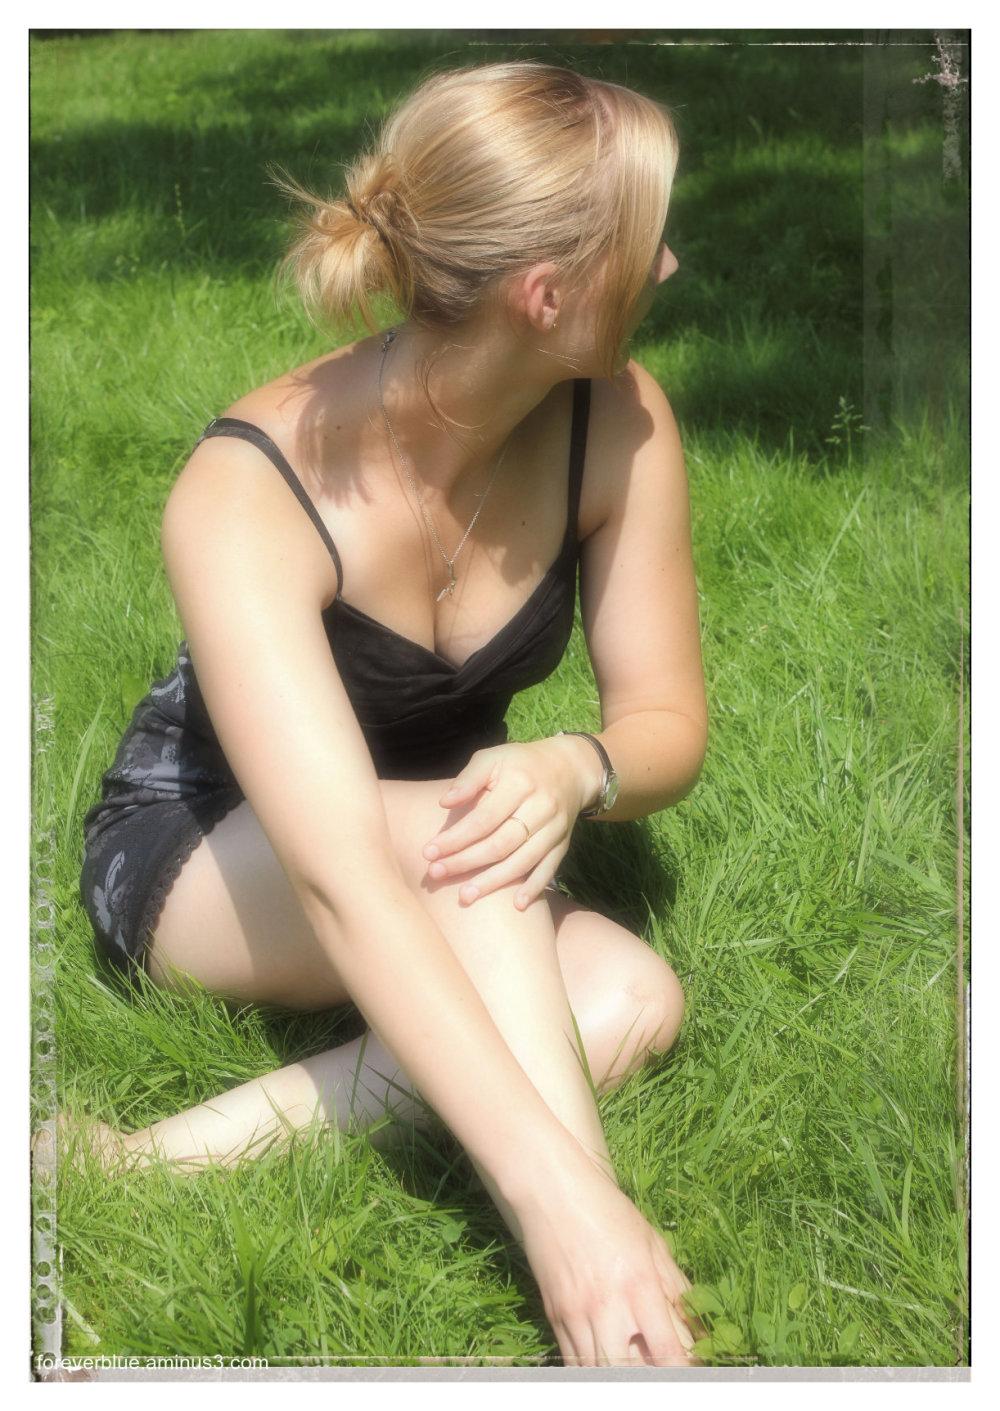 ... SUMMER MEMORIES (2) ...